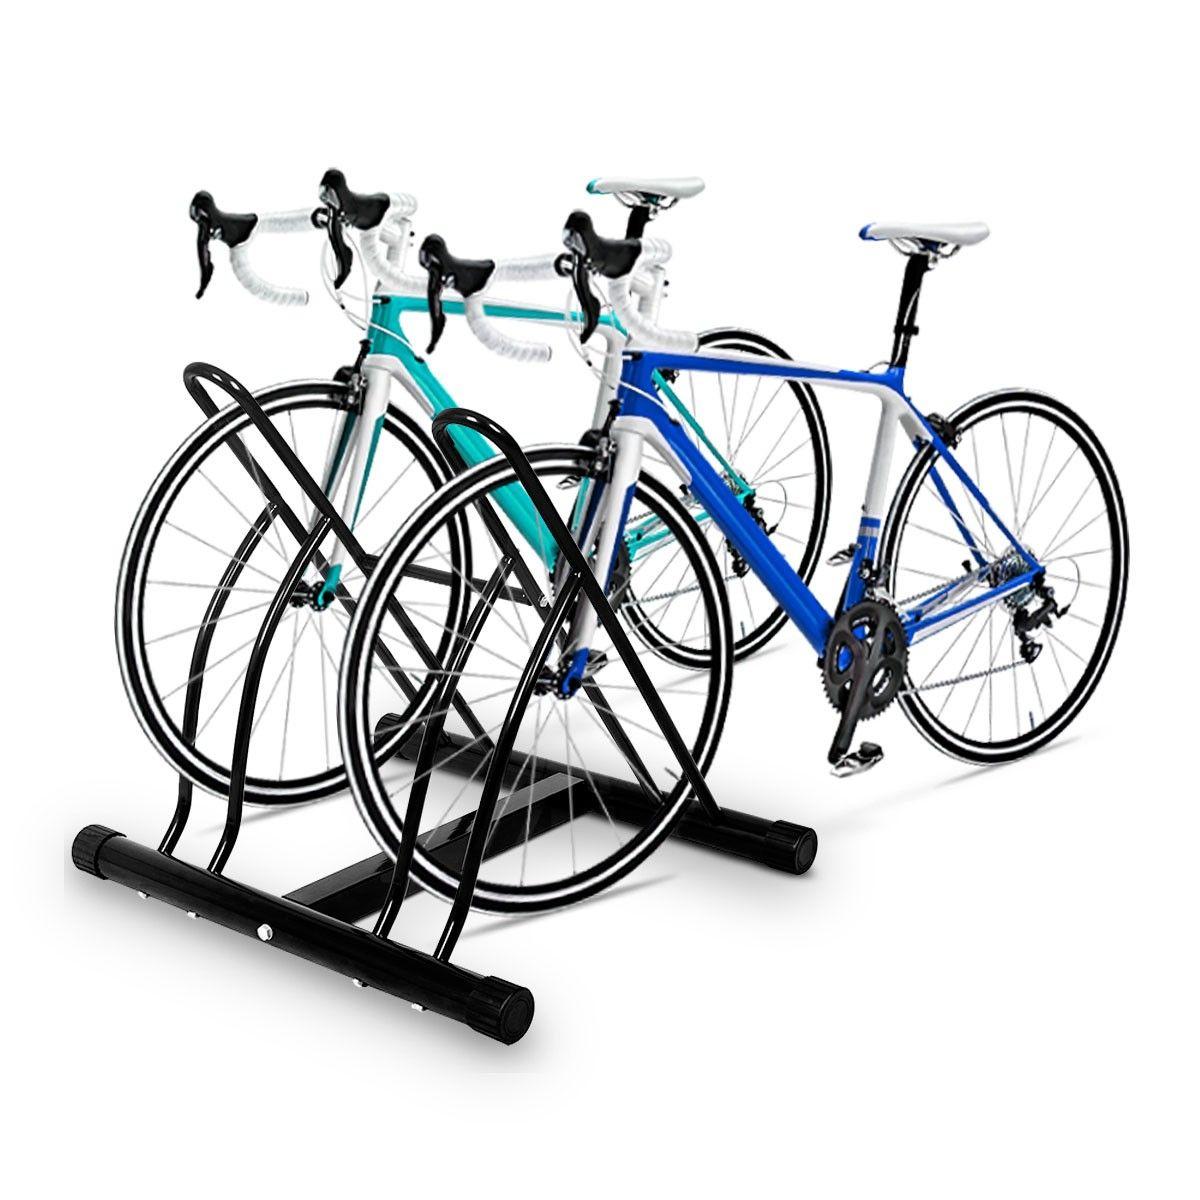 Costway Bike Floor Parking Rack 2 Bicycle Bracket Stand